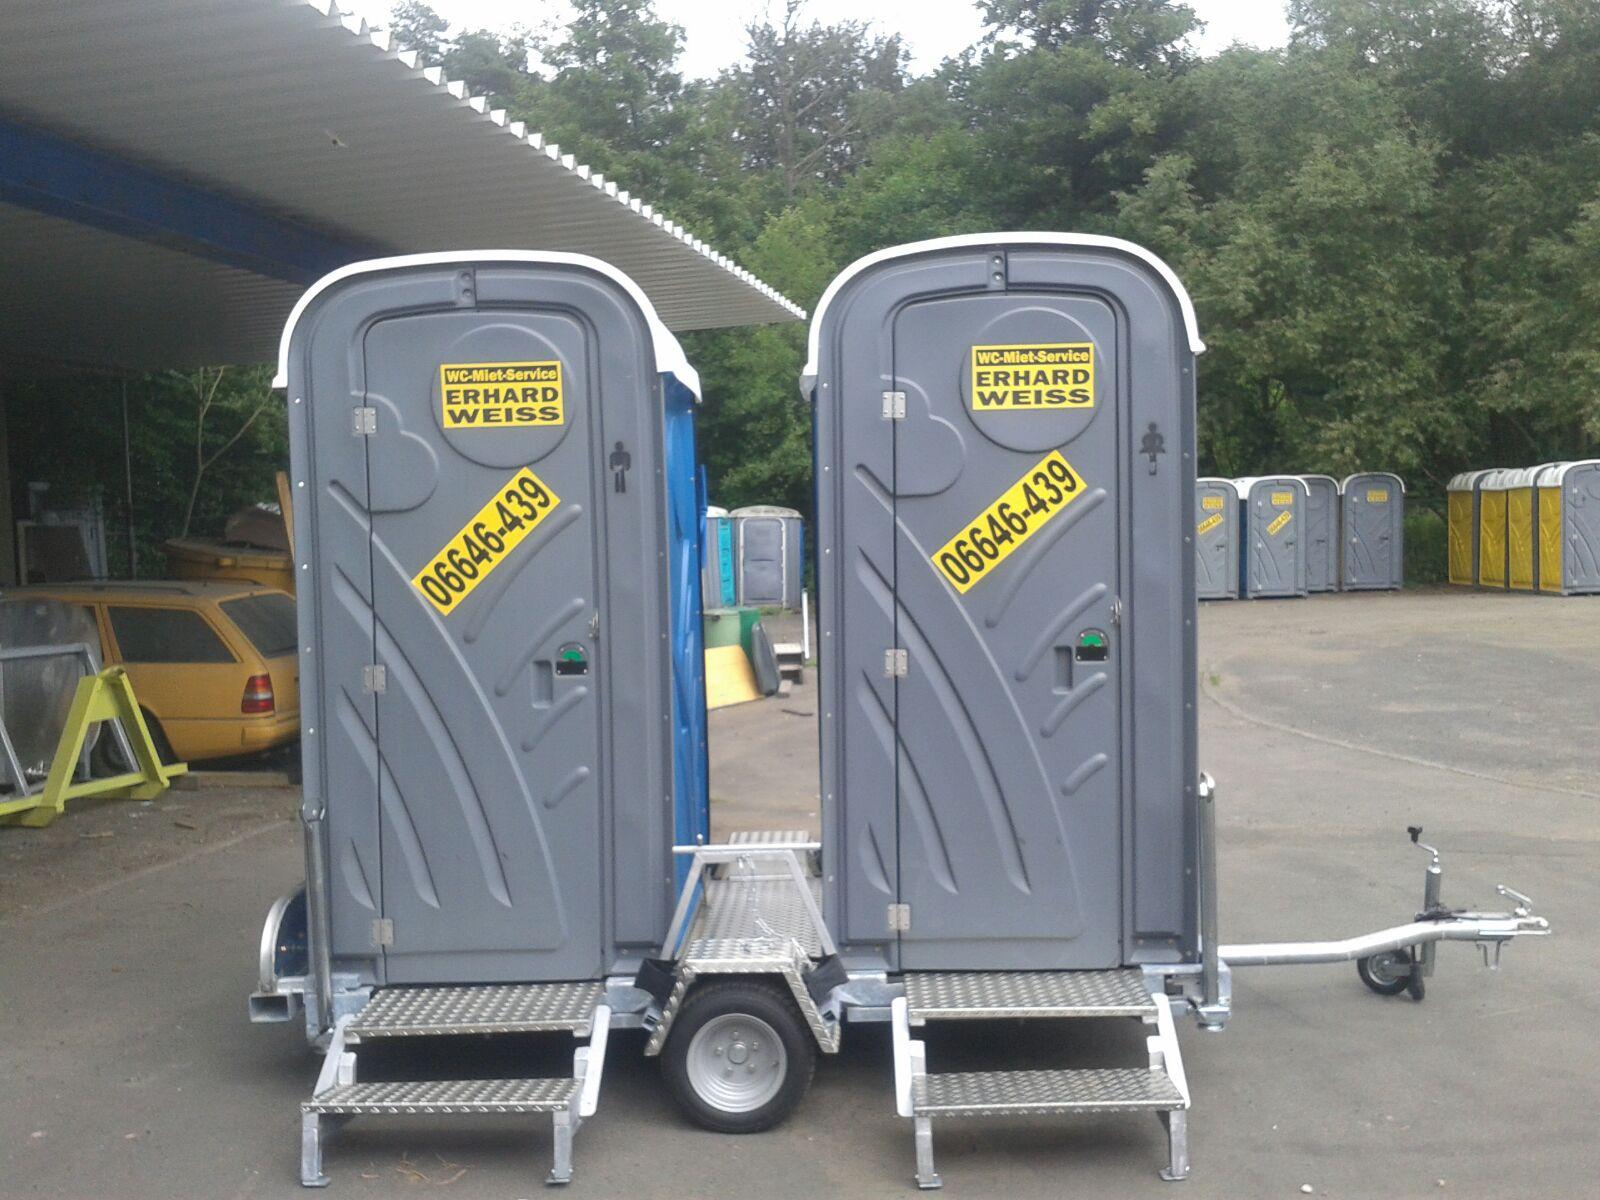 Mieten sie die Toilettenkabinen 1-1